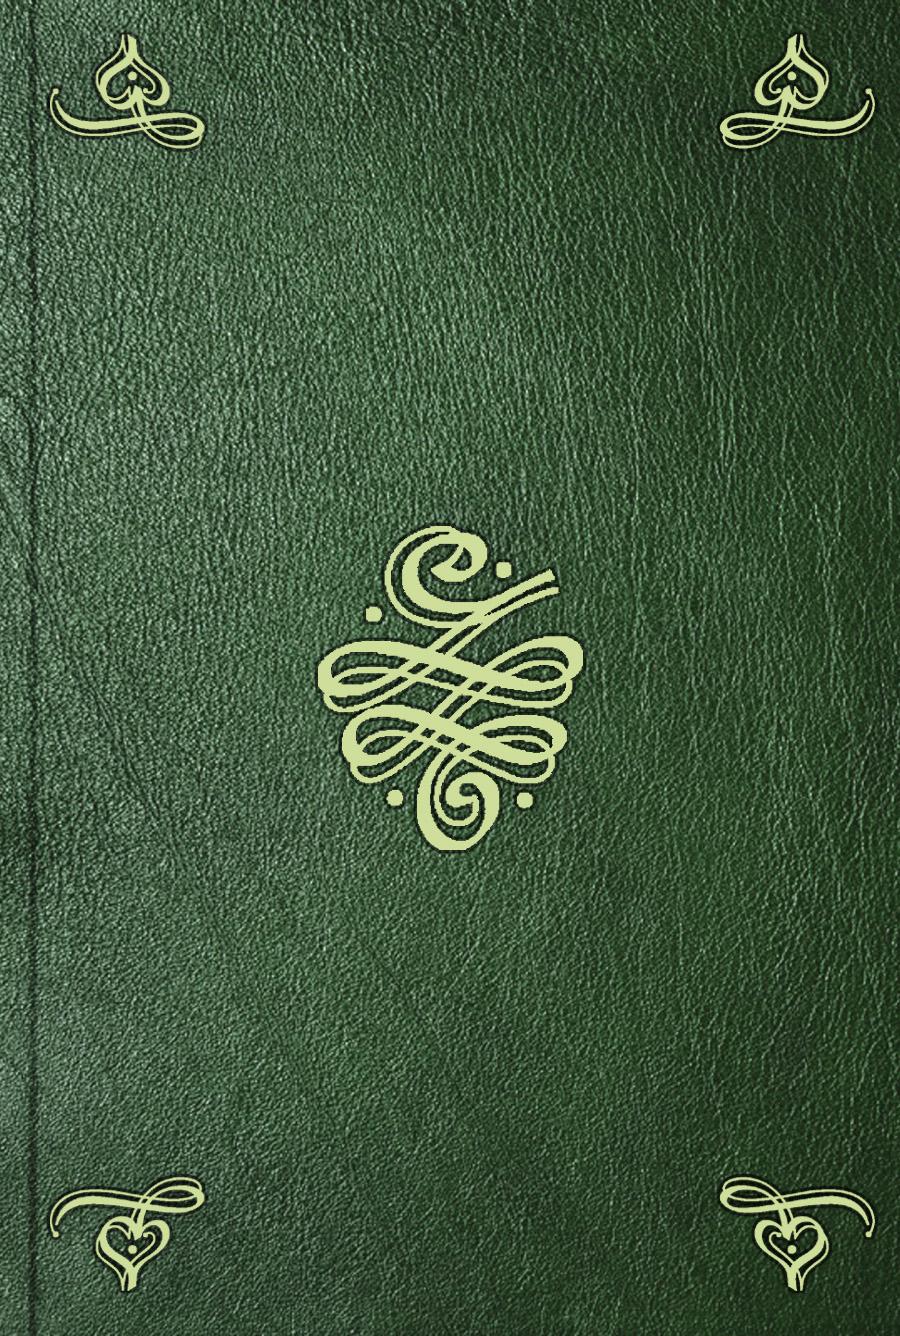 Johann Gottfried Herder Briefe zu Beförderung der Humanität. Sammlung 5 johann gottfried herder briefe zu beförderung der humanität sammlung 4